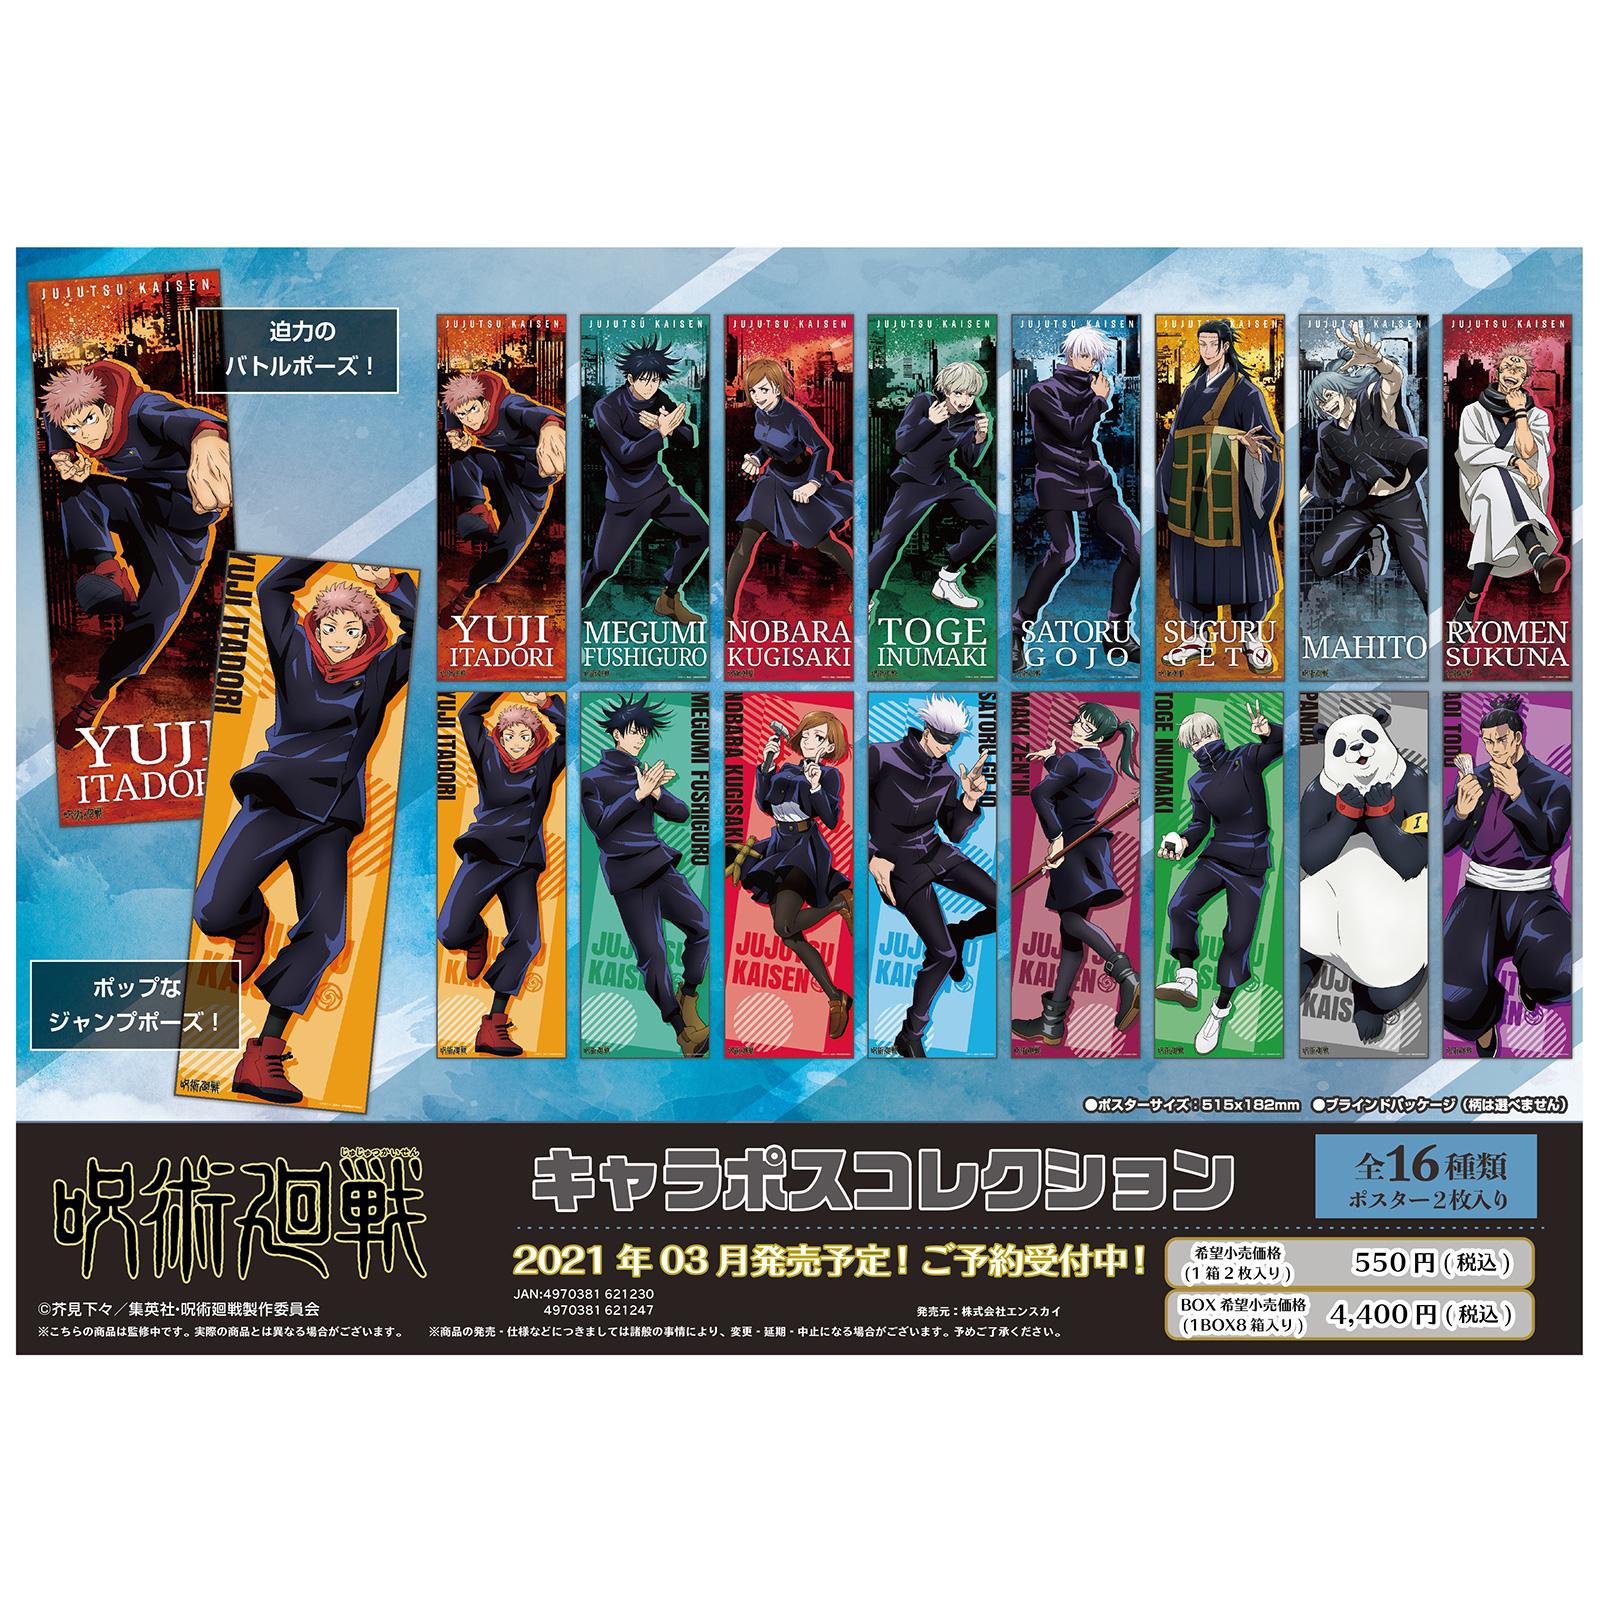 呪術廻戦『呪術廻戦 キャラポスコレクション』8個入りBOX-001